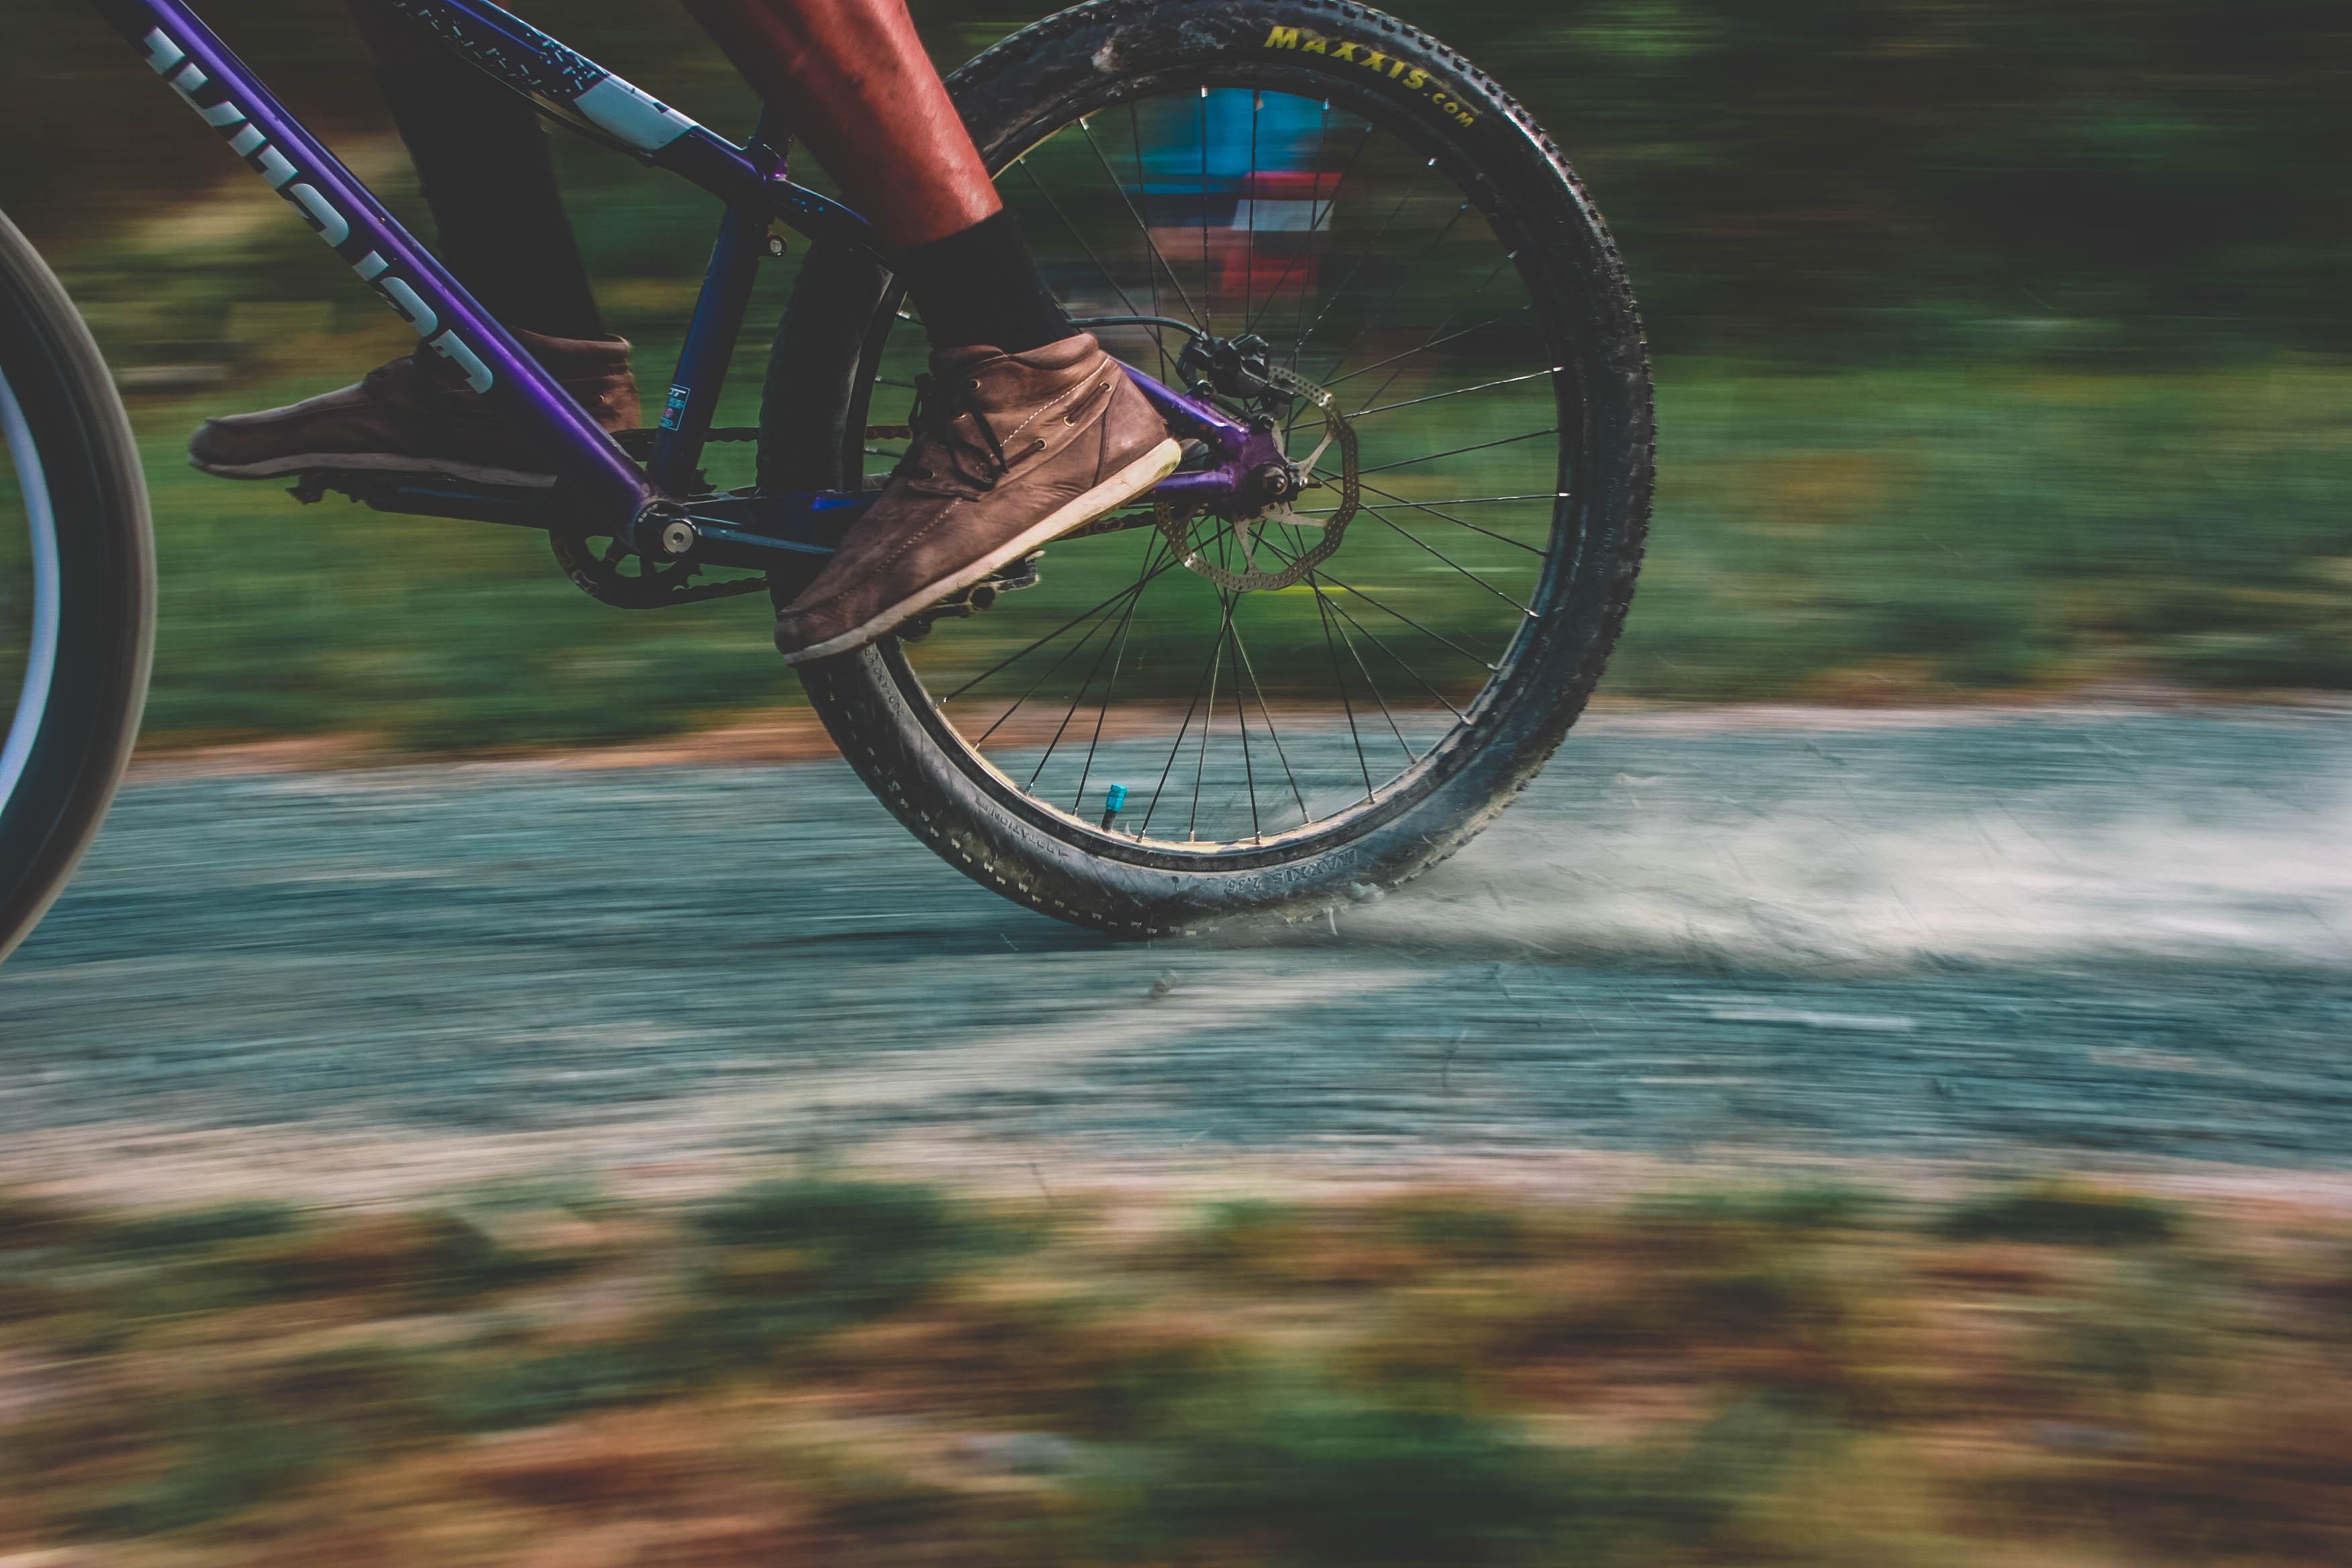 Cykelhjul på väg